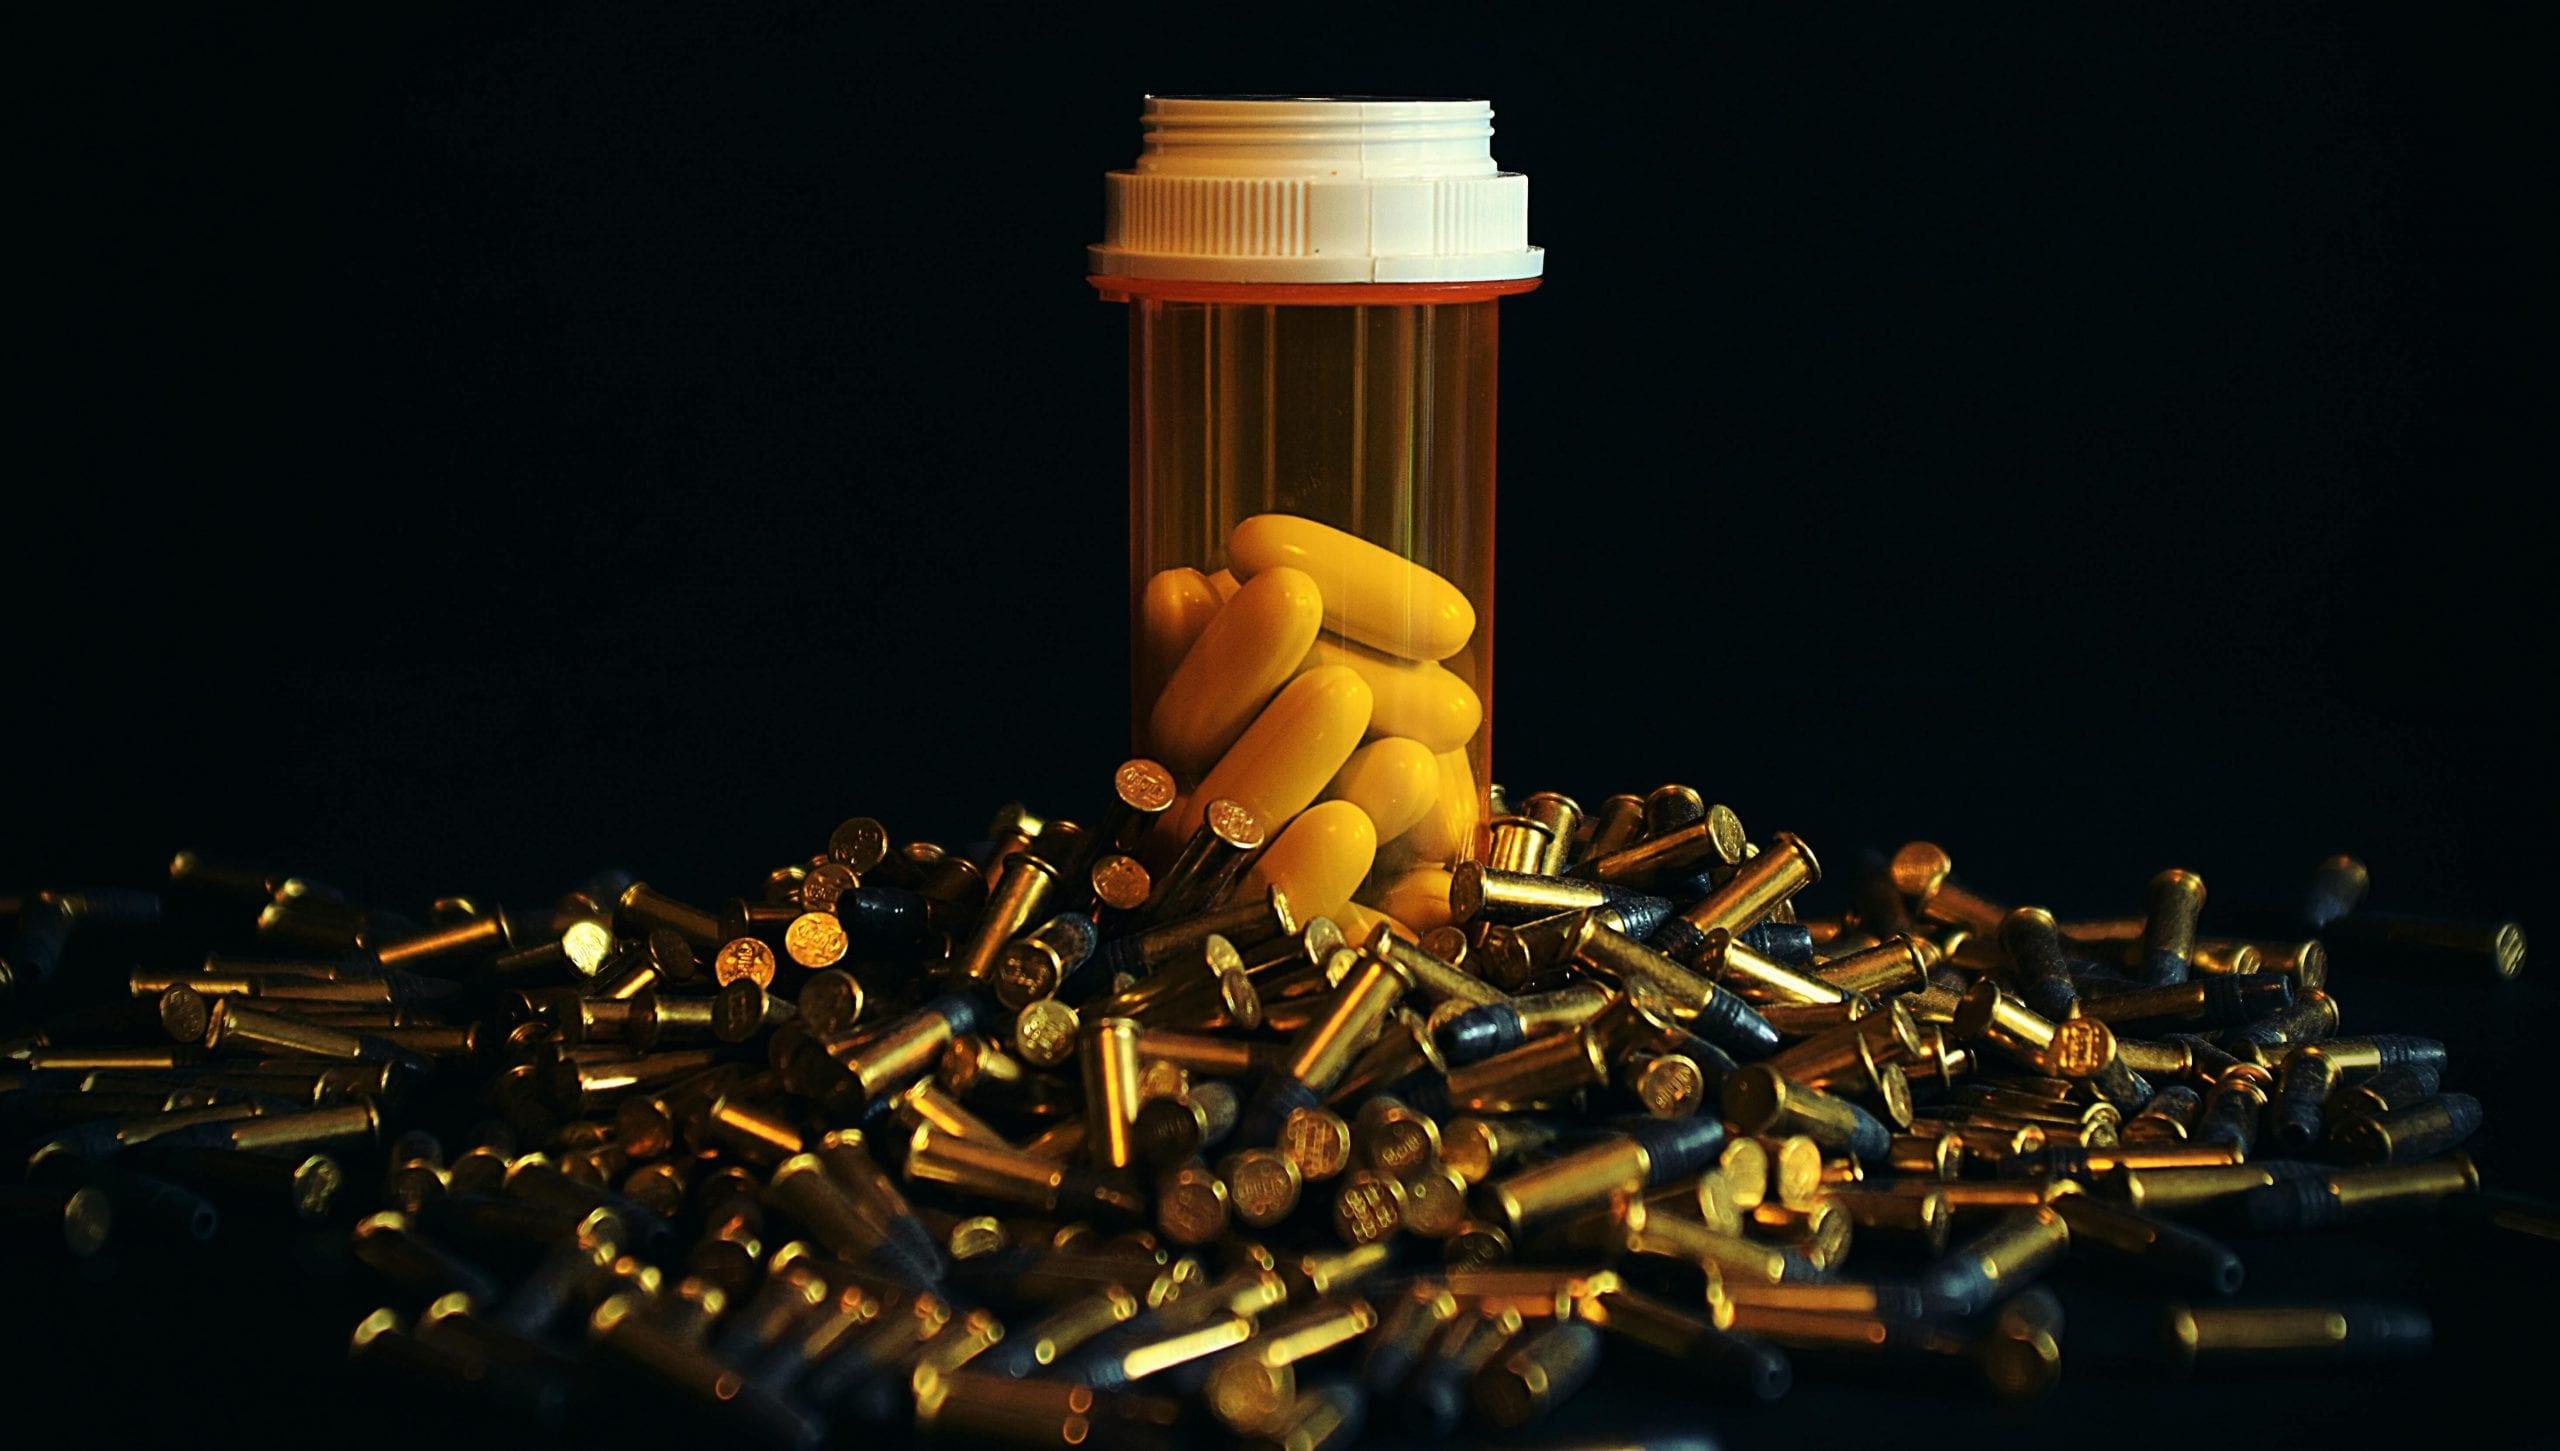 Rimadyl overdose